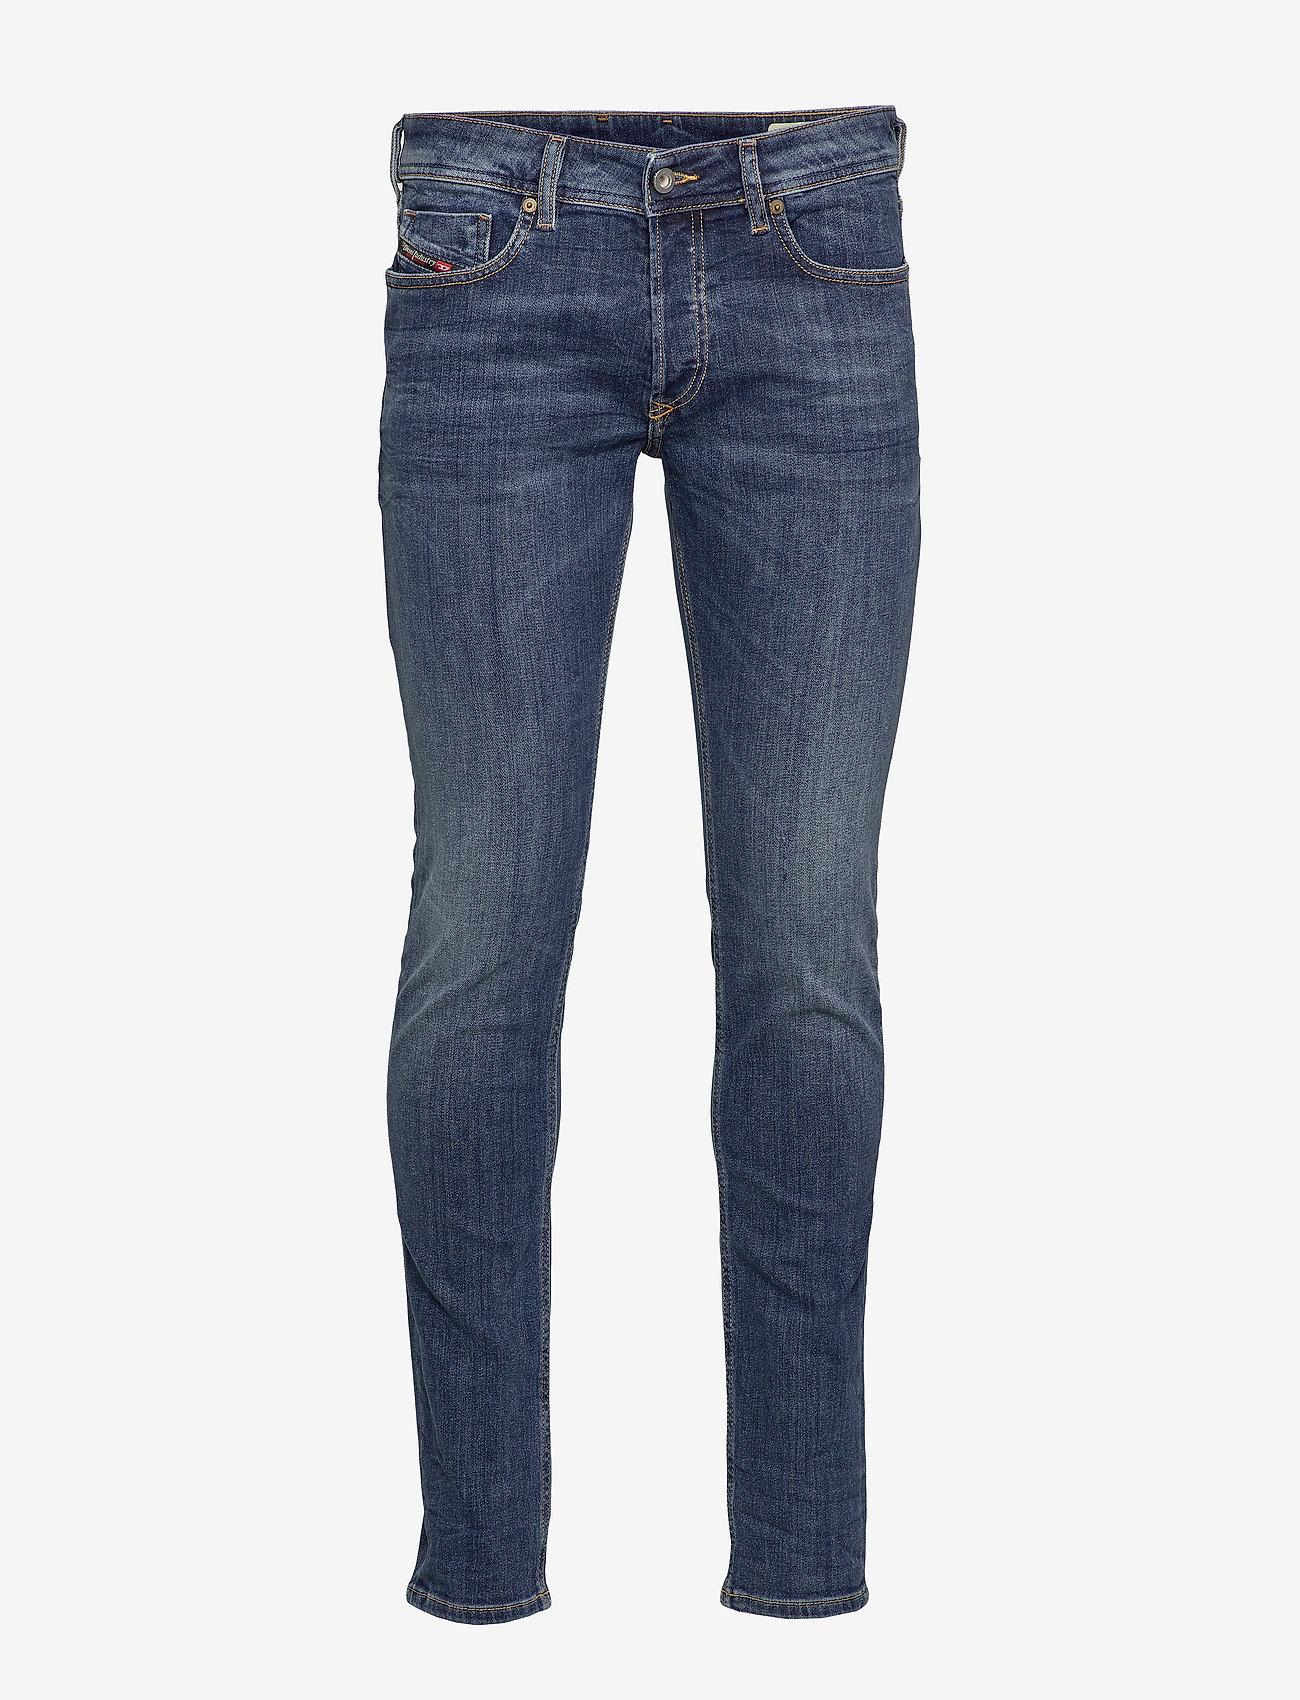 Diesel Men - SLEENKER-X TROUSERS - skinny jeans - denim